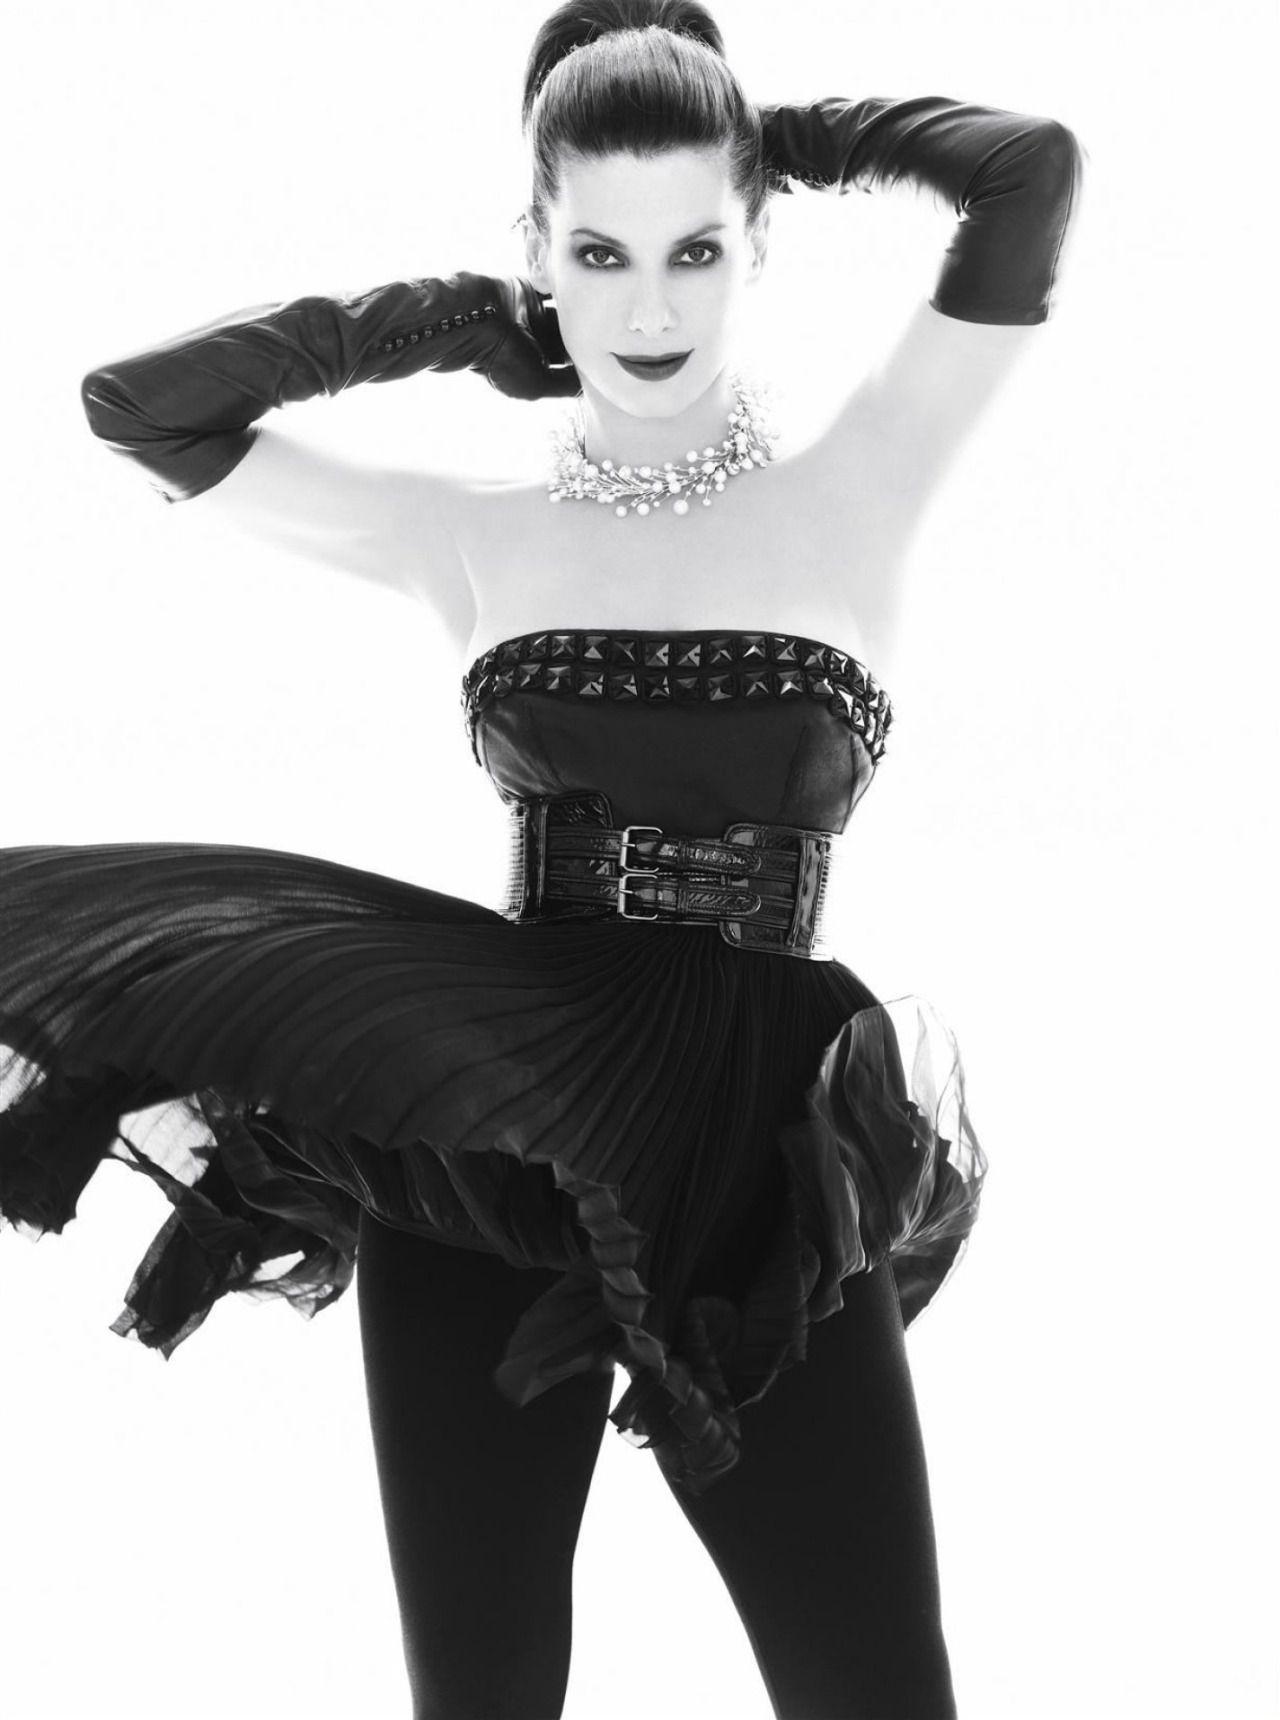 Black dress up gloves - Black